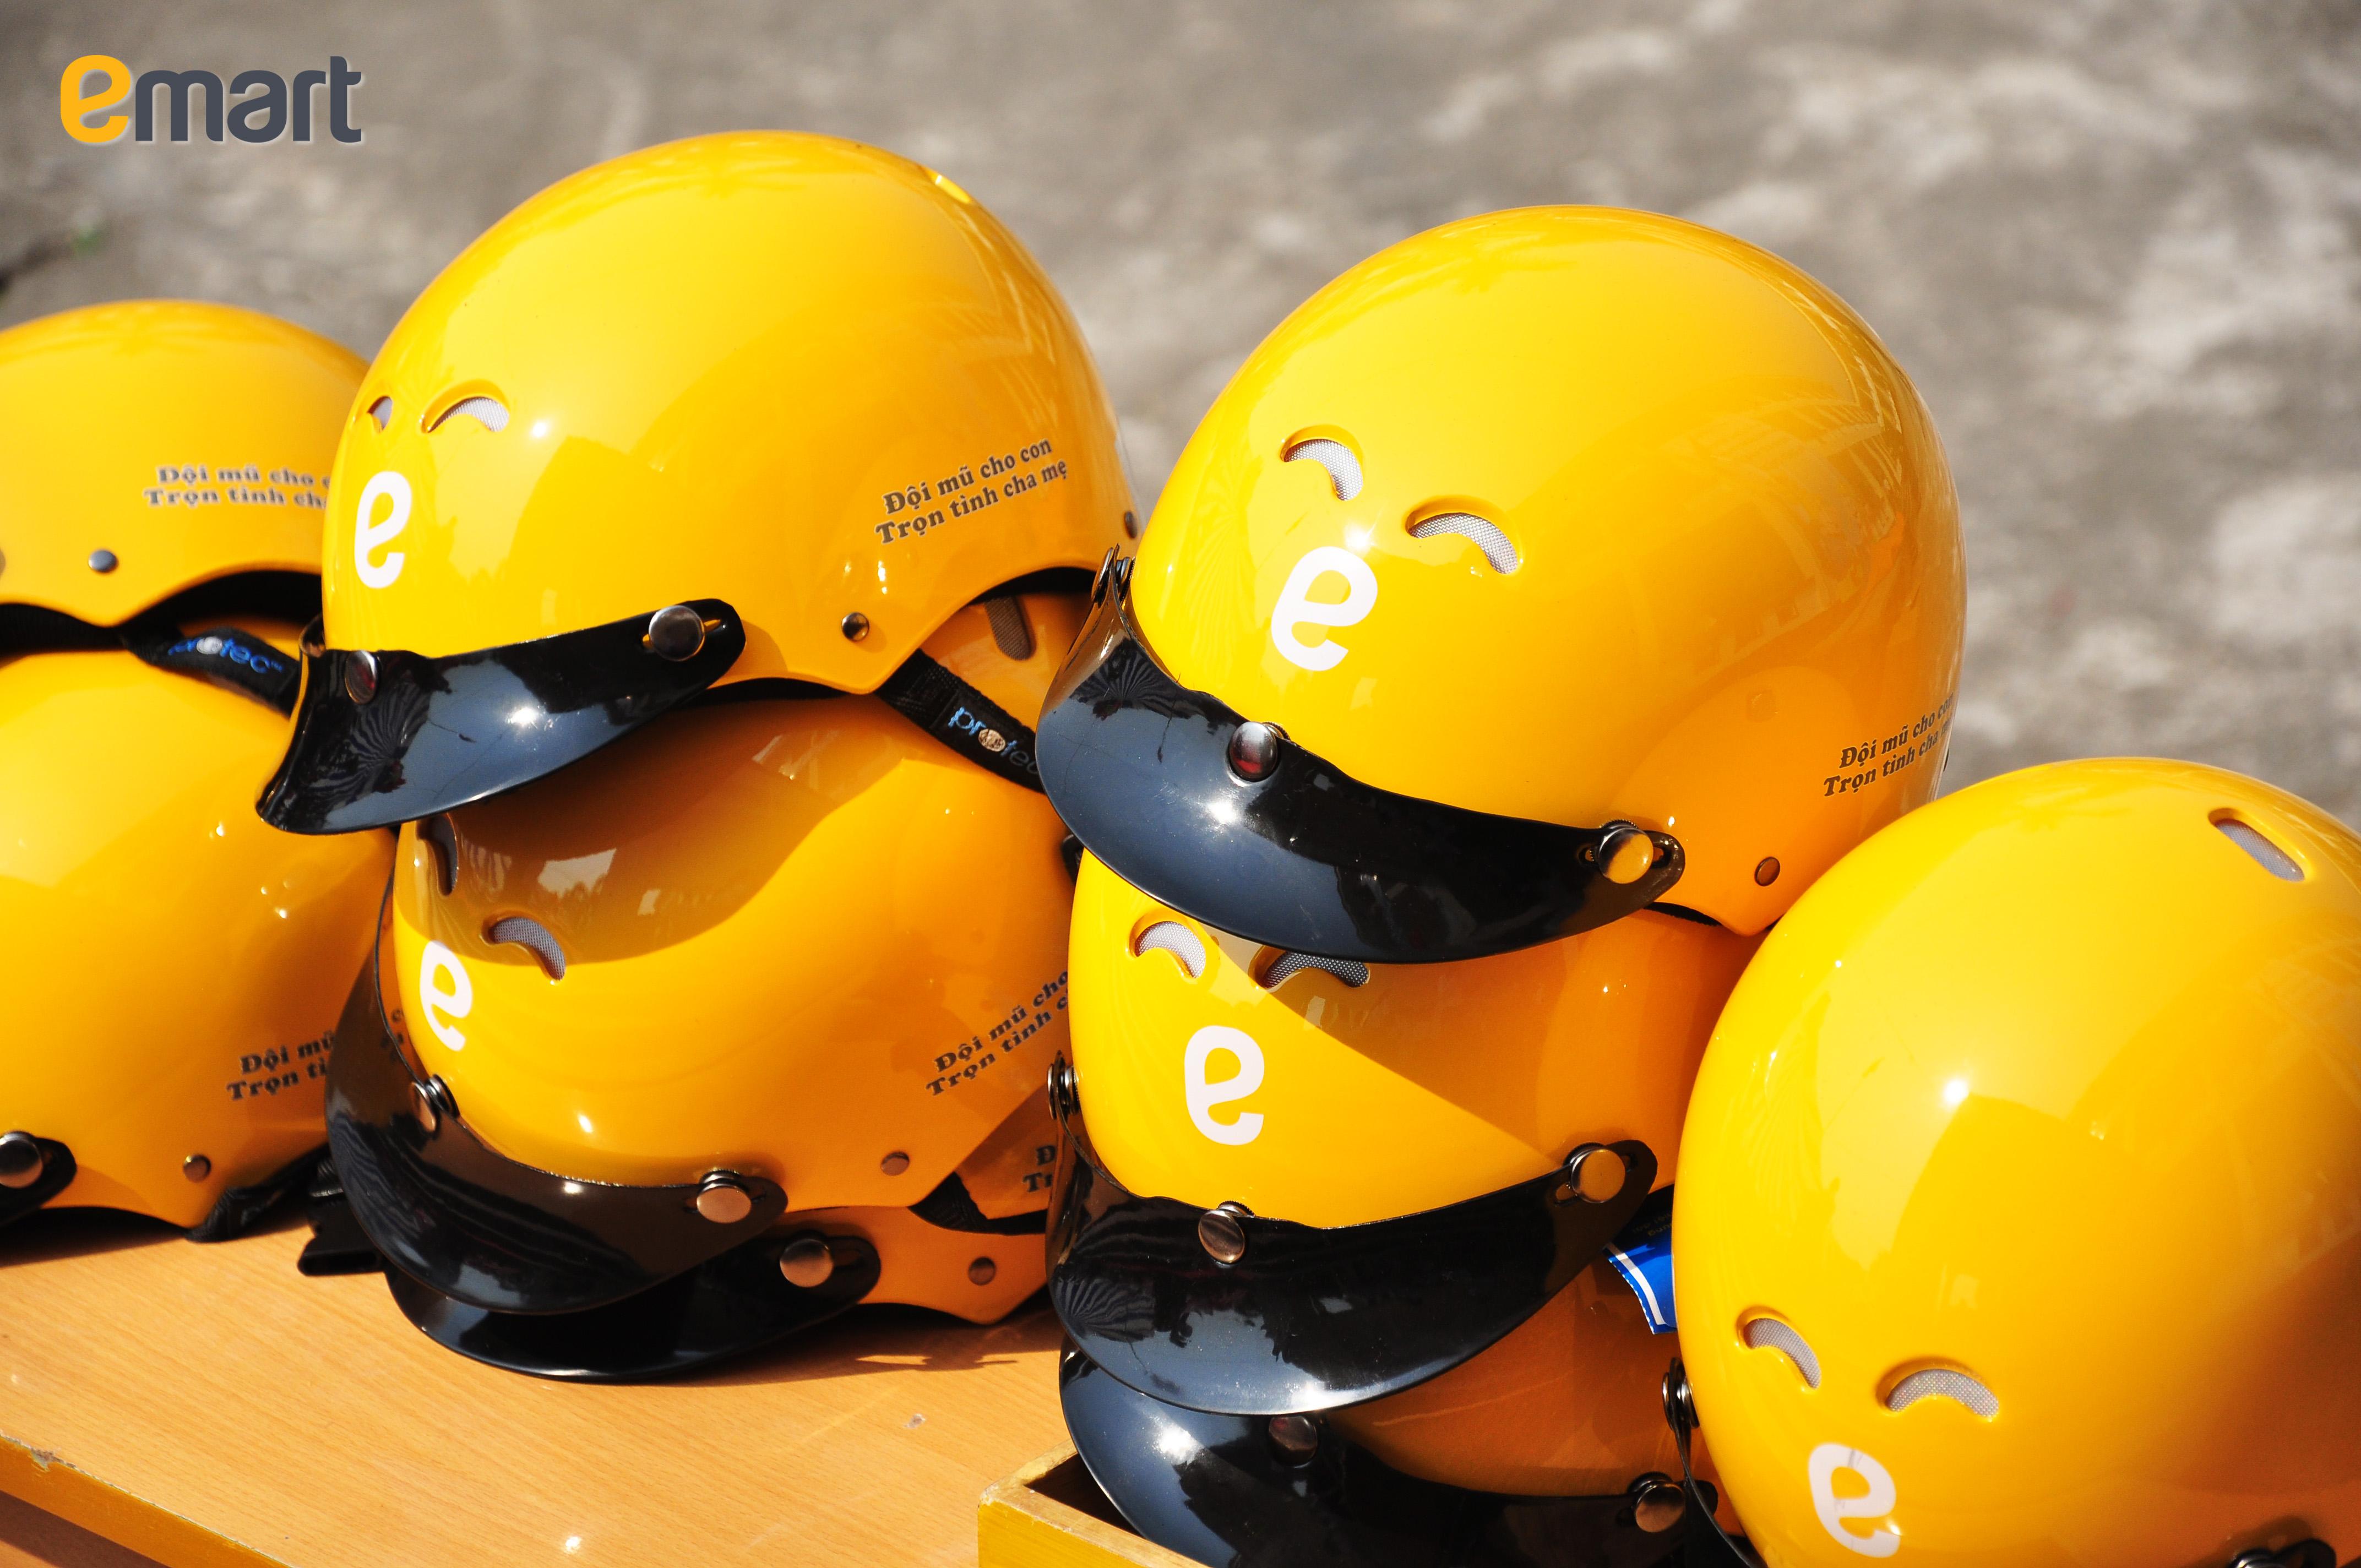 Những chiếc nón bảo hiểm đạt chuẩn với thiết kế đẹp mắt được trao đến các em học sinh